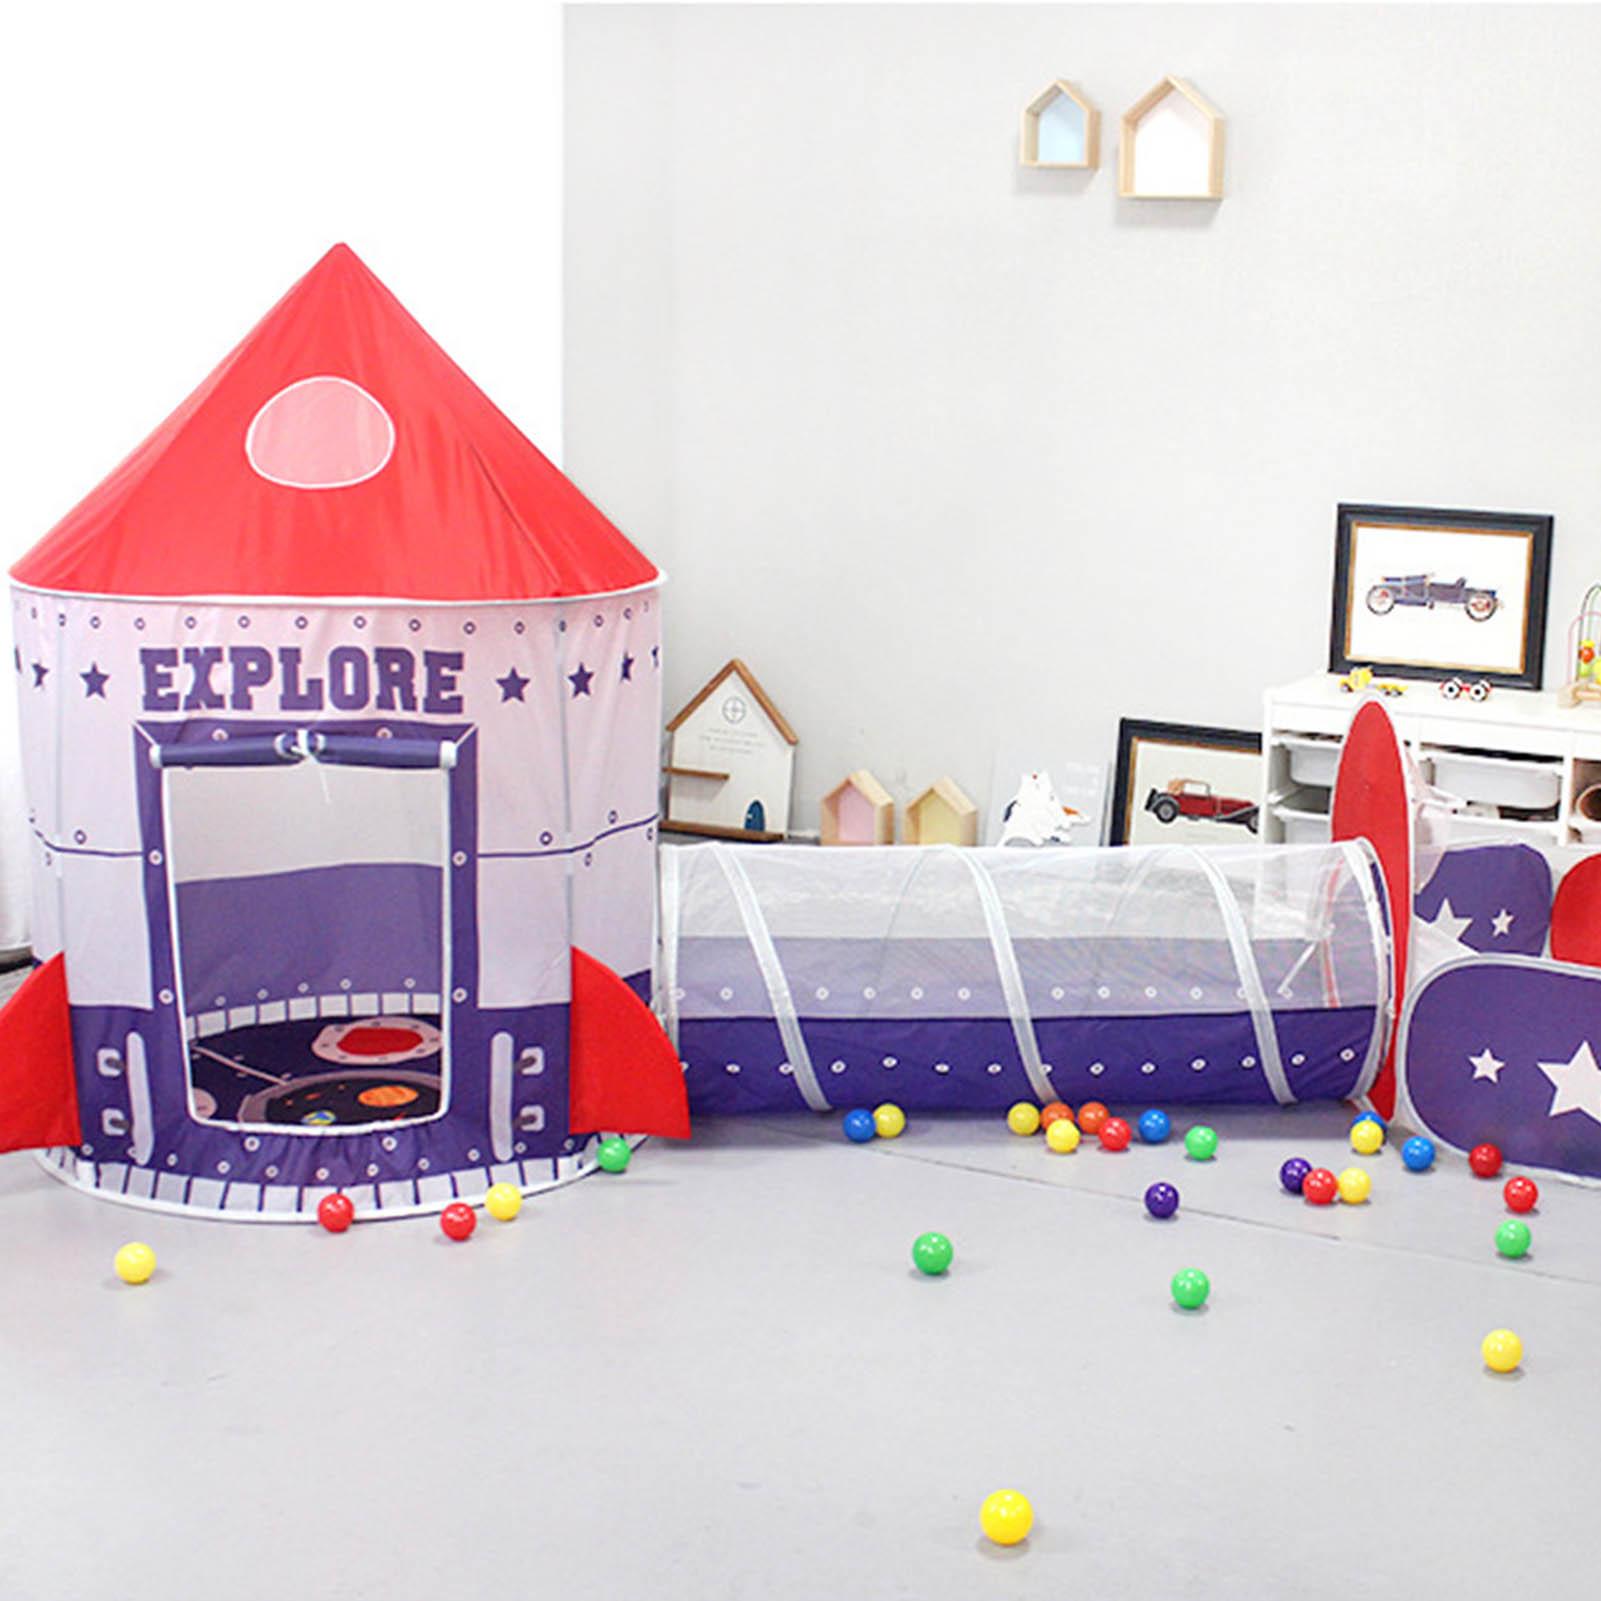 Палатка детская портативная, складная Игровая палатка для дома, Интерактивная Игровая палатка для родителей и детей, детские игрушки